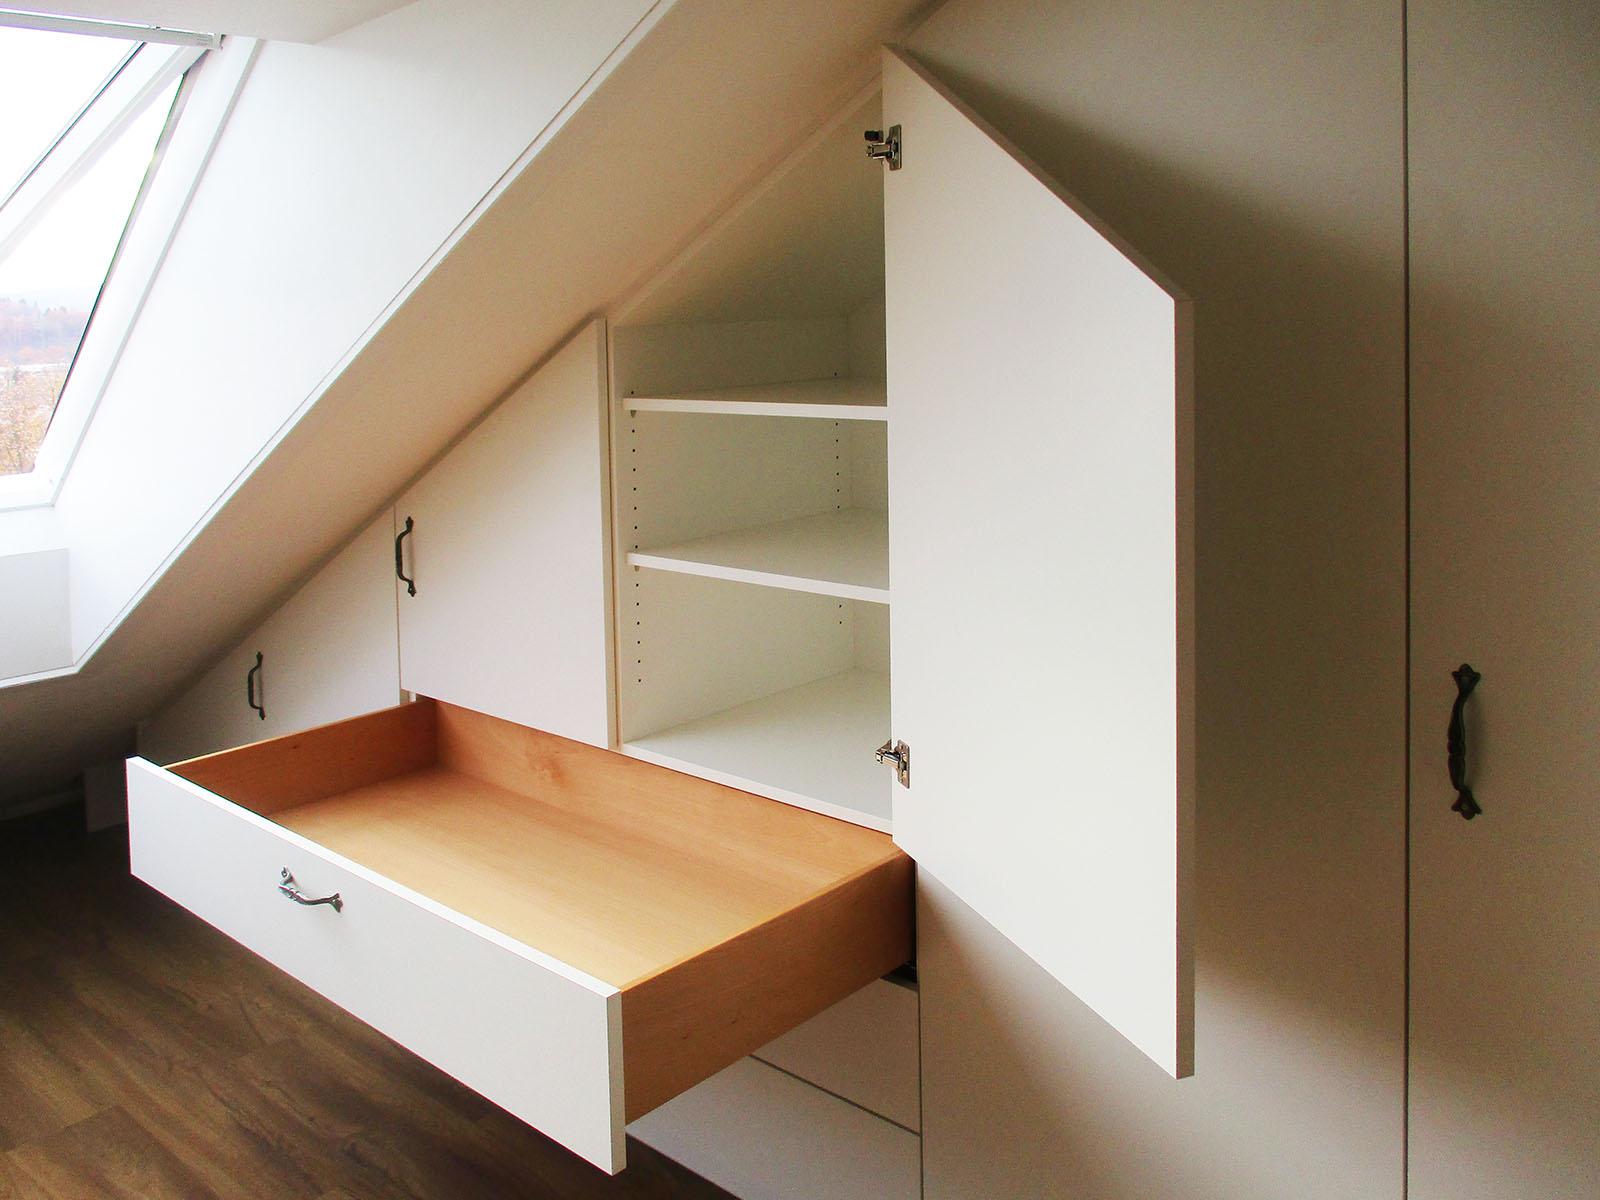 michael m ller m bel einzelm bel kinderm bel. Black Bedroom Furniture Sets. Home Design Ideas